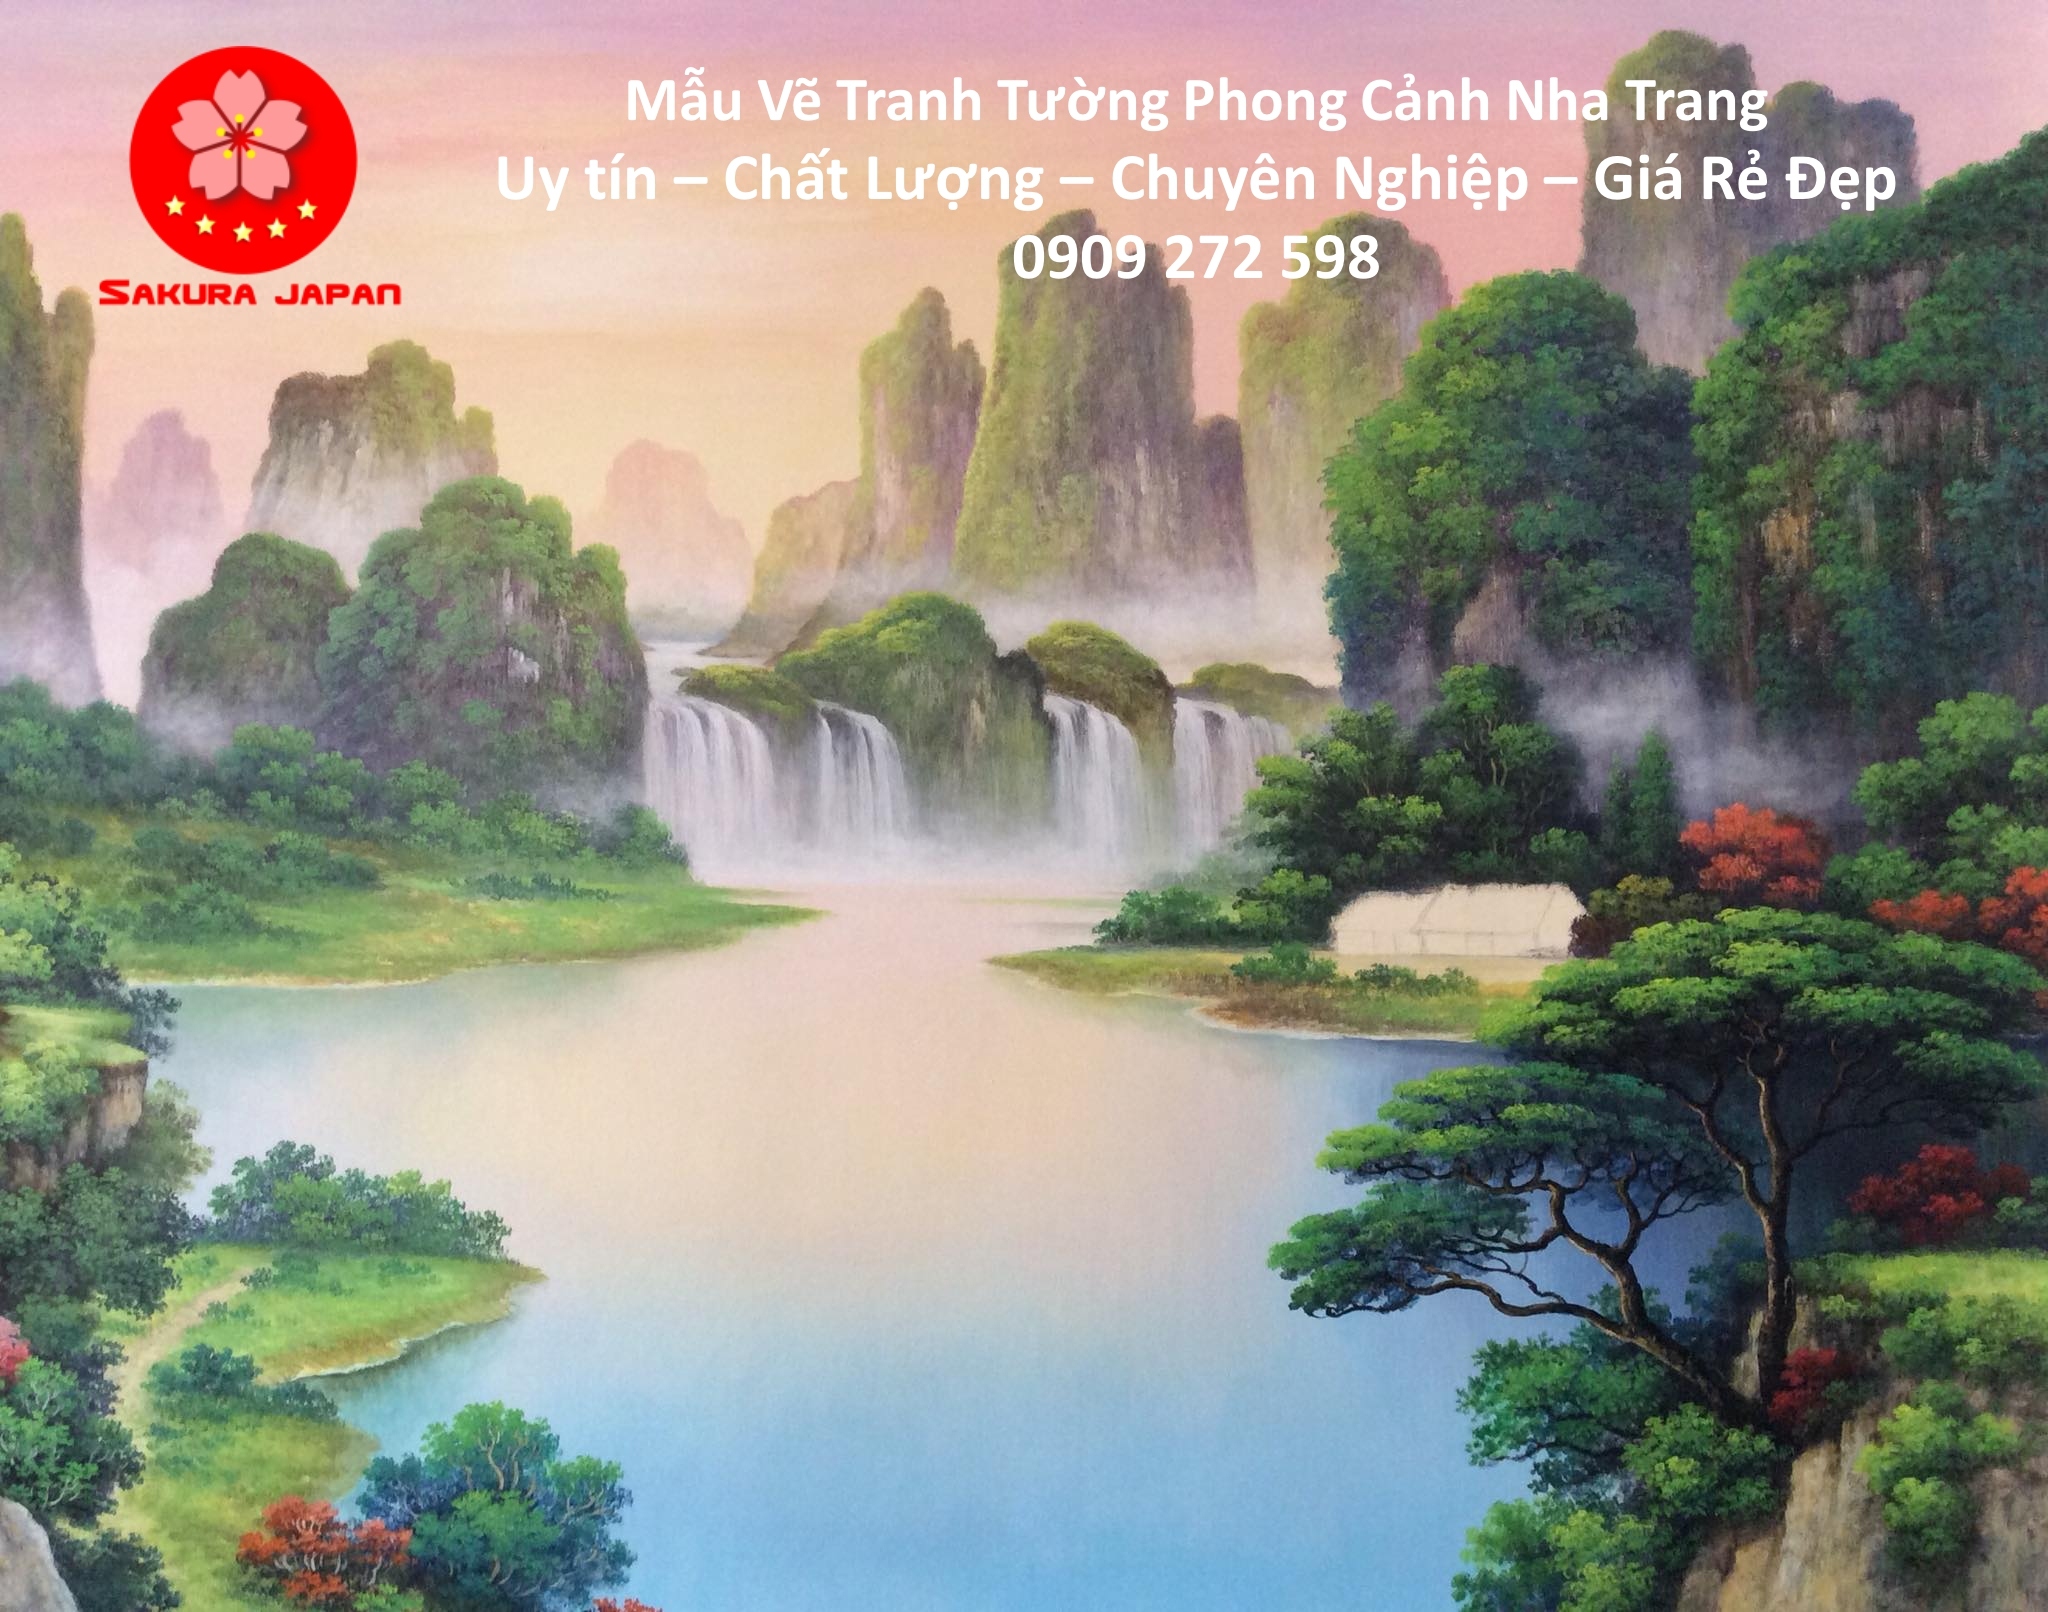 Mẫu Tranh Tường Phong Cảnh Nha Trang 9